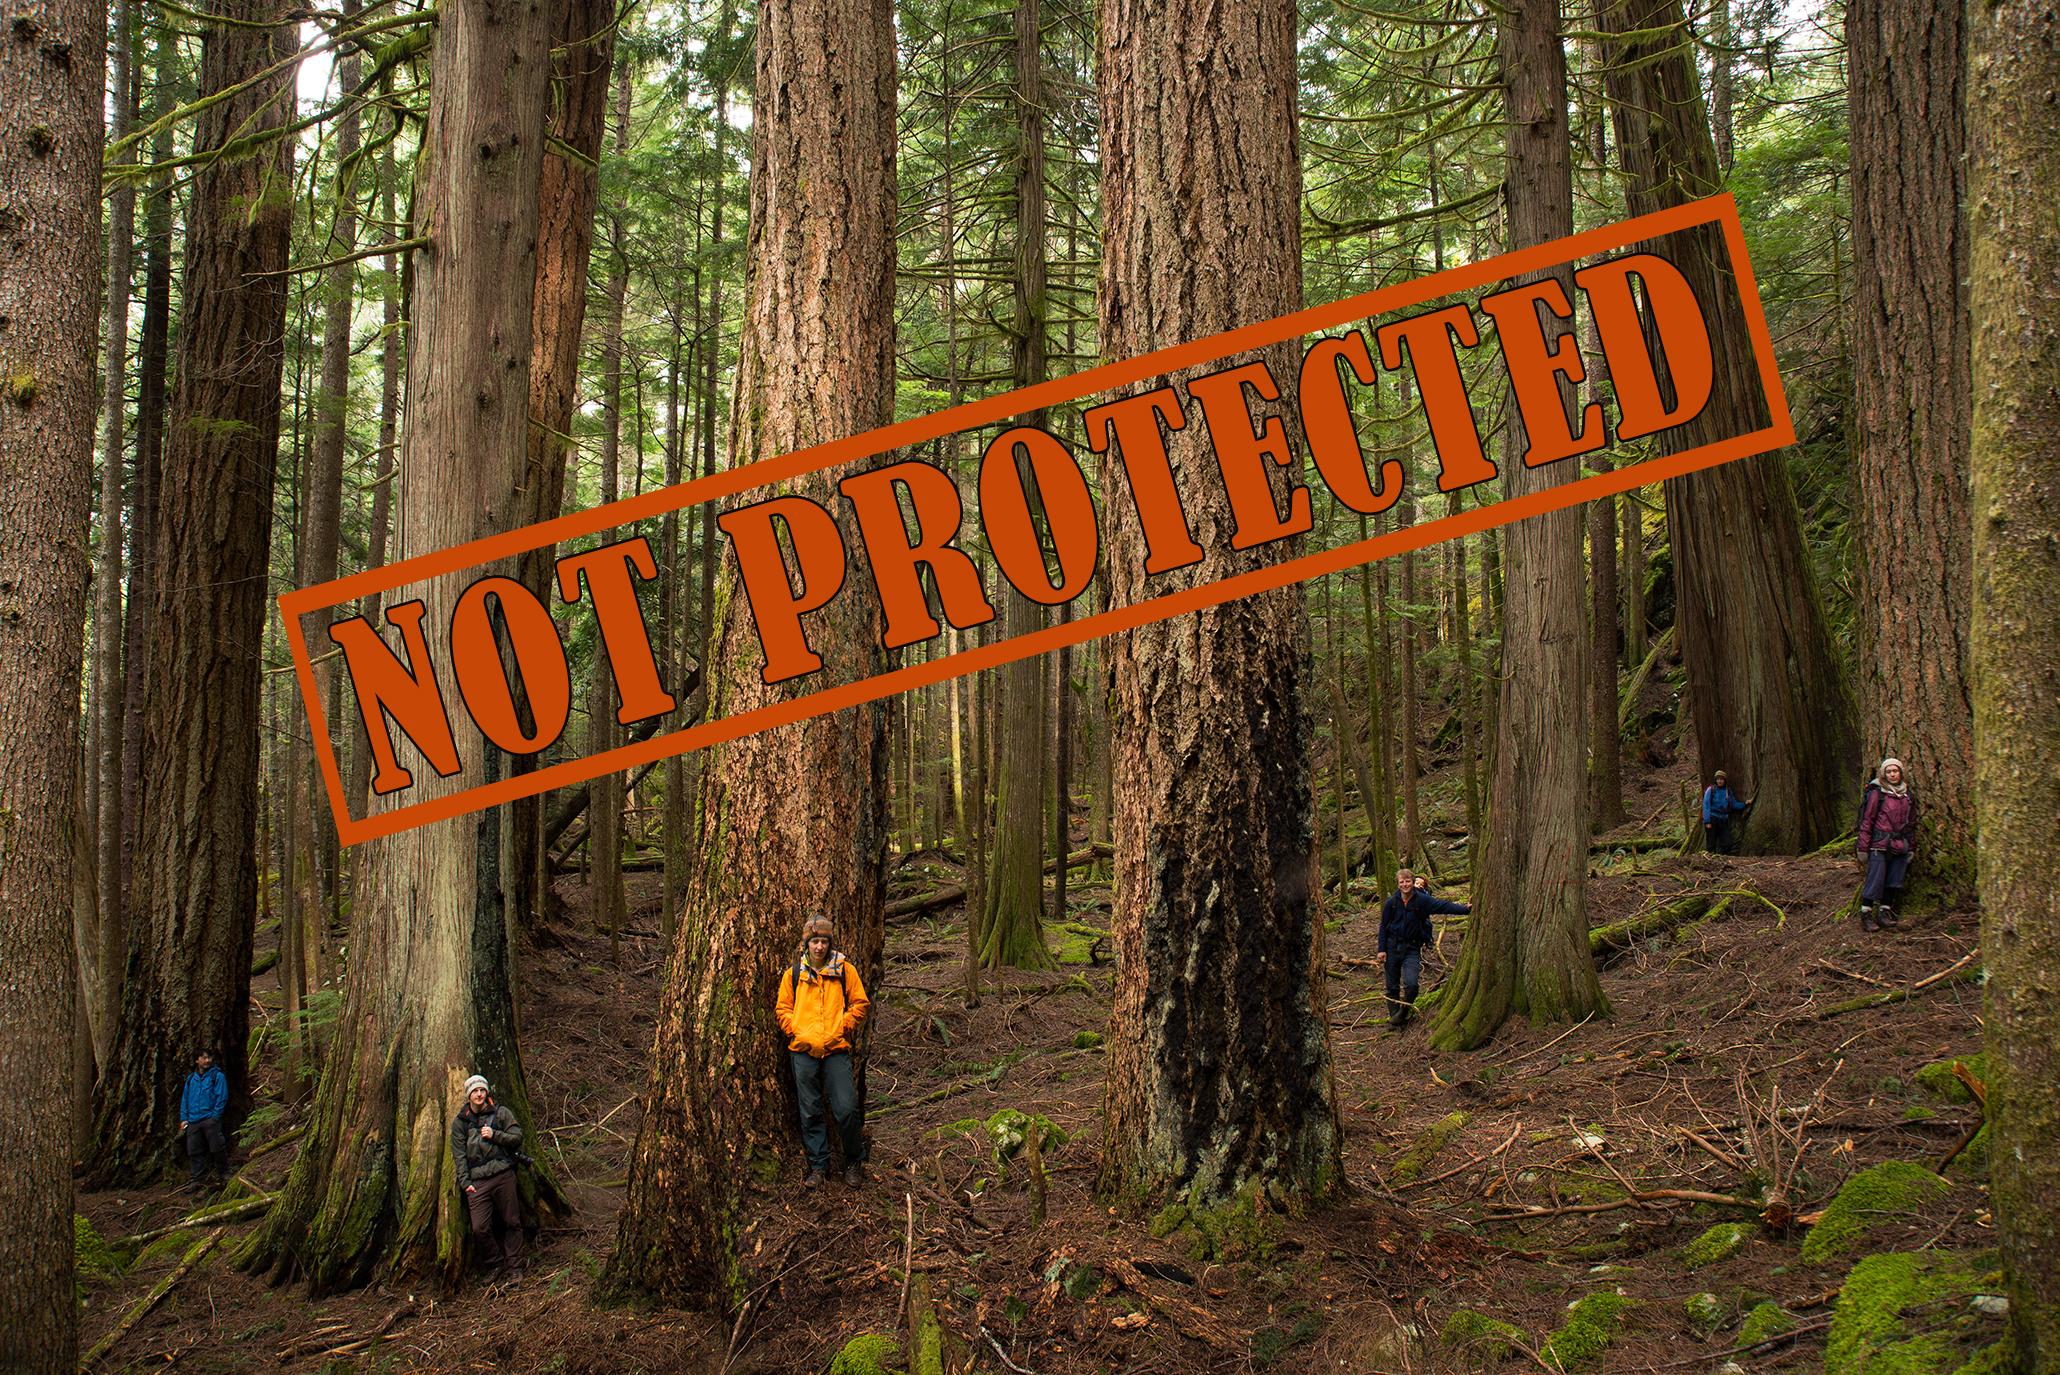 notprotected2